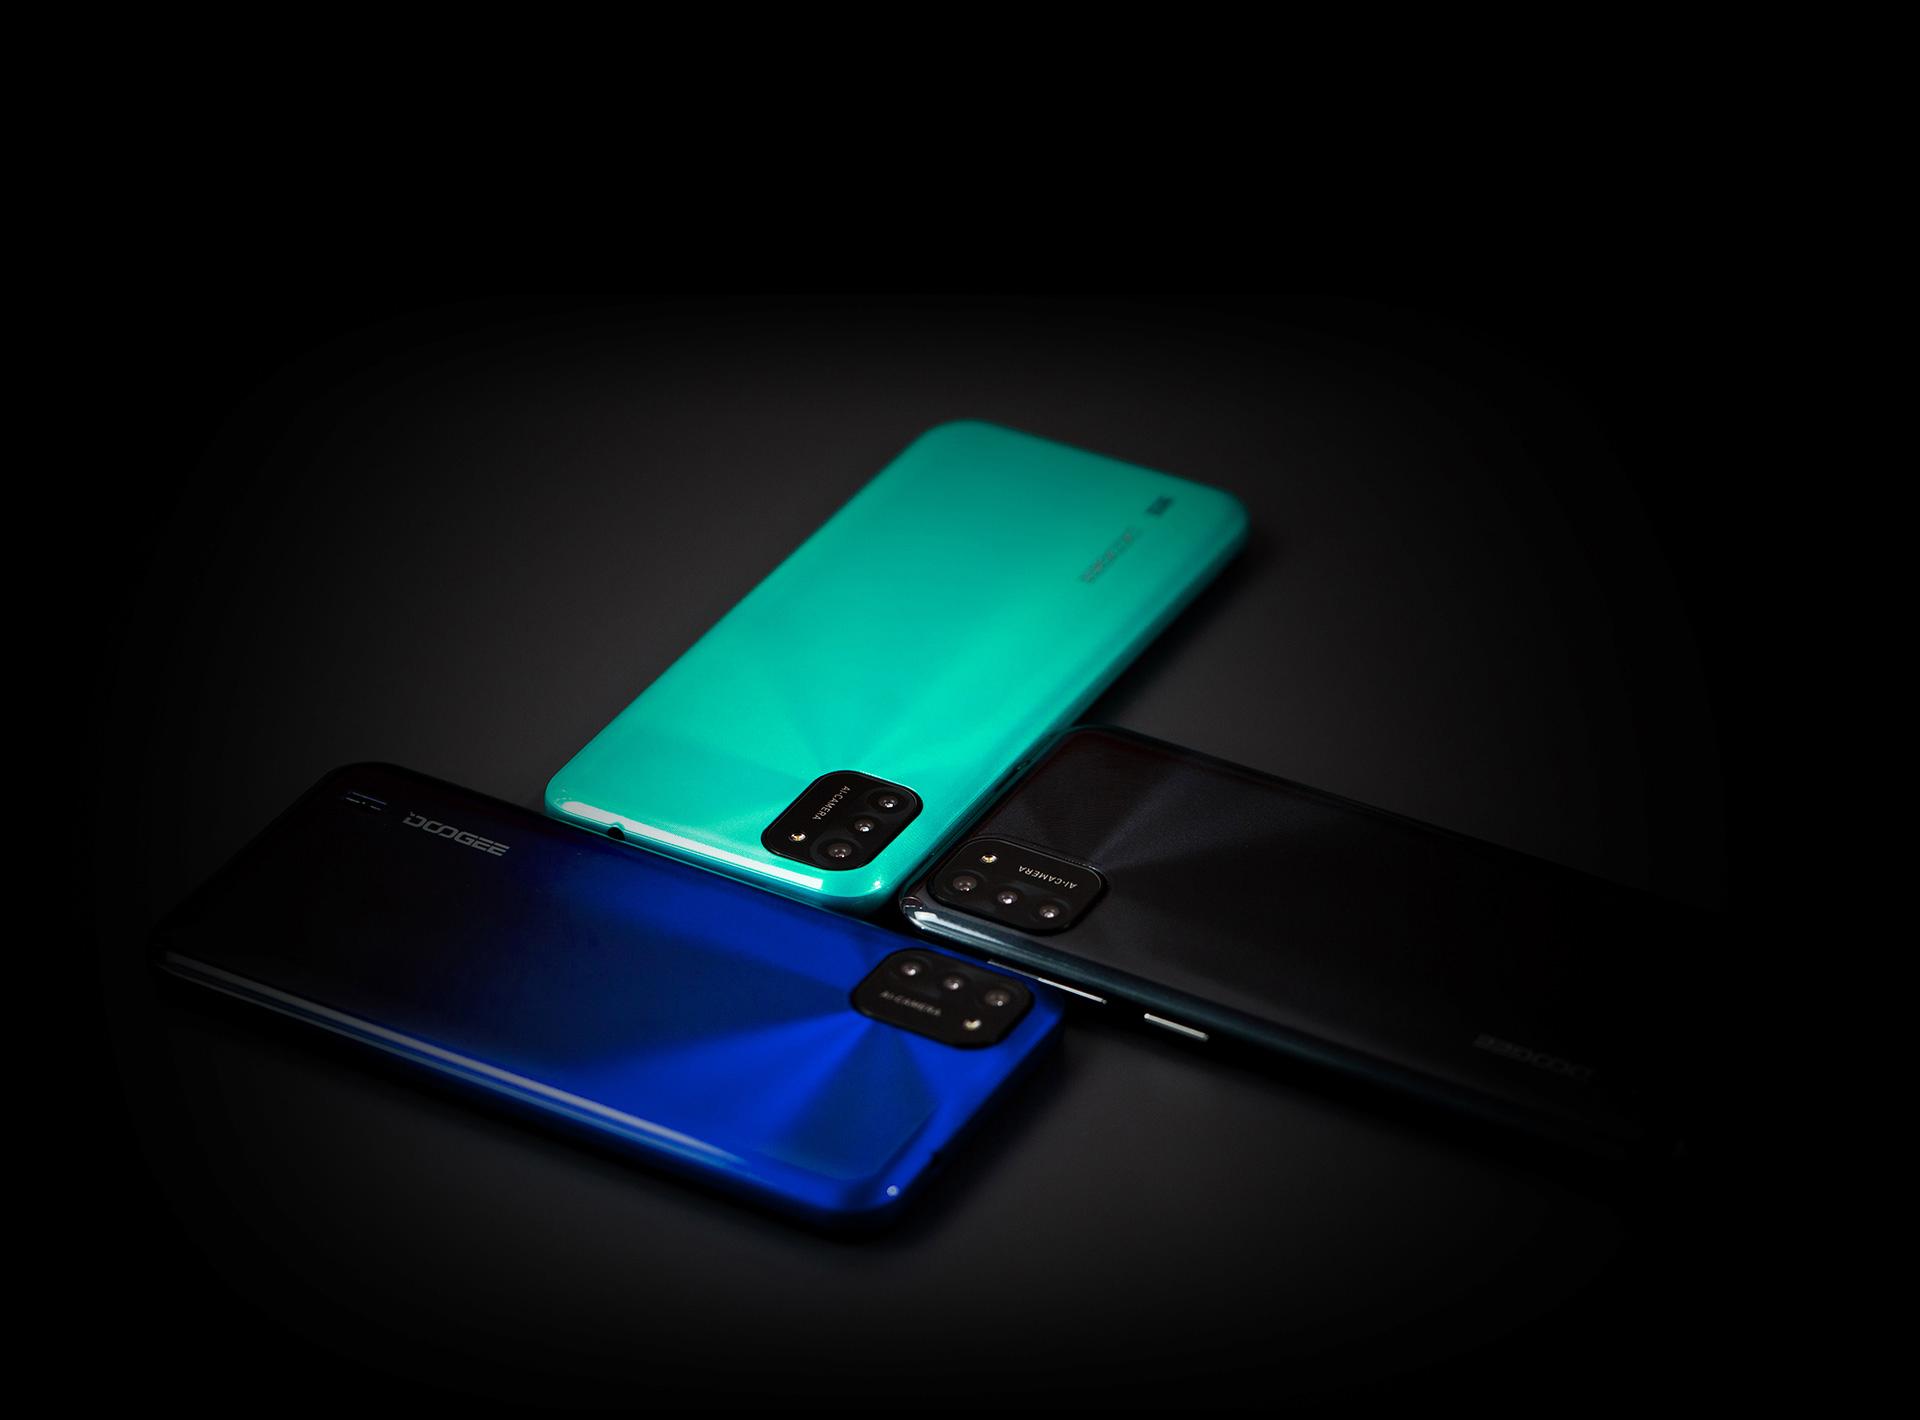 Doogee spouští prodej telefonu X93 a hodinek CS2